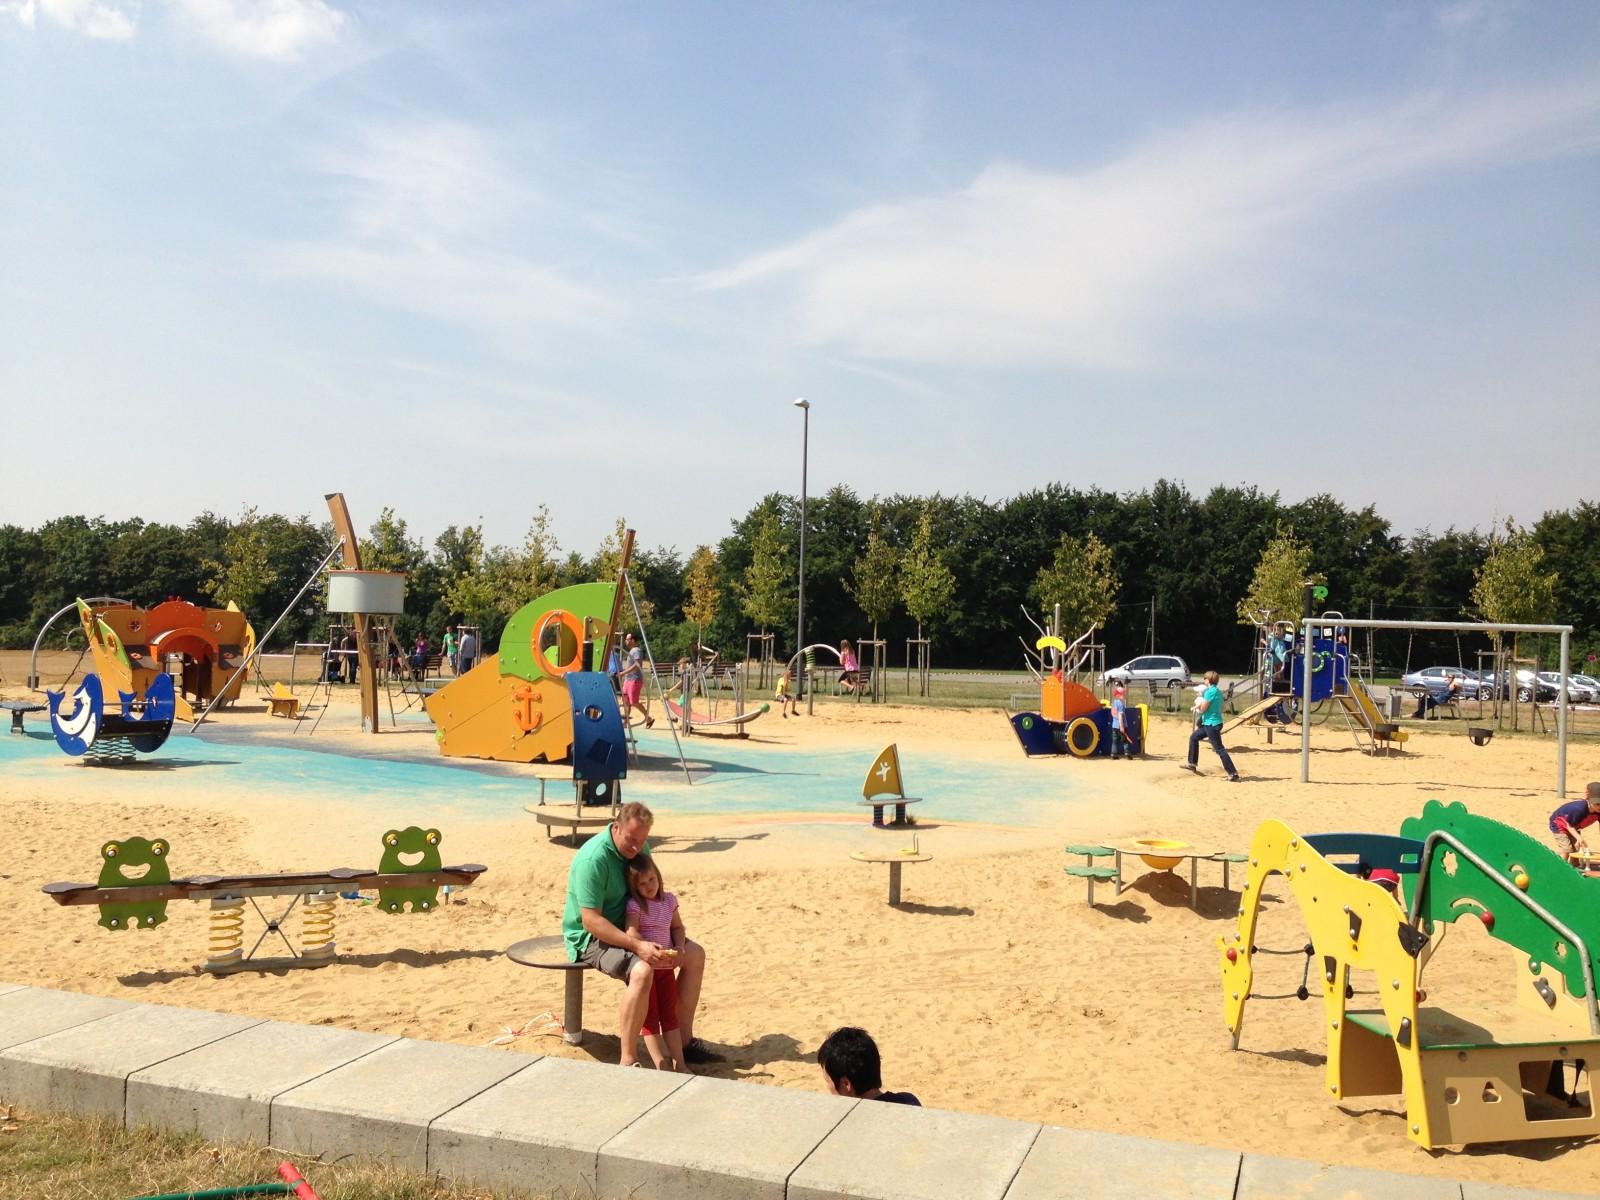 2013_08_21 Indemann-Spielplatz